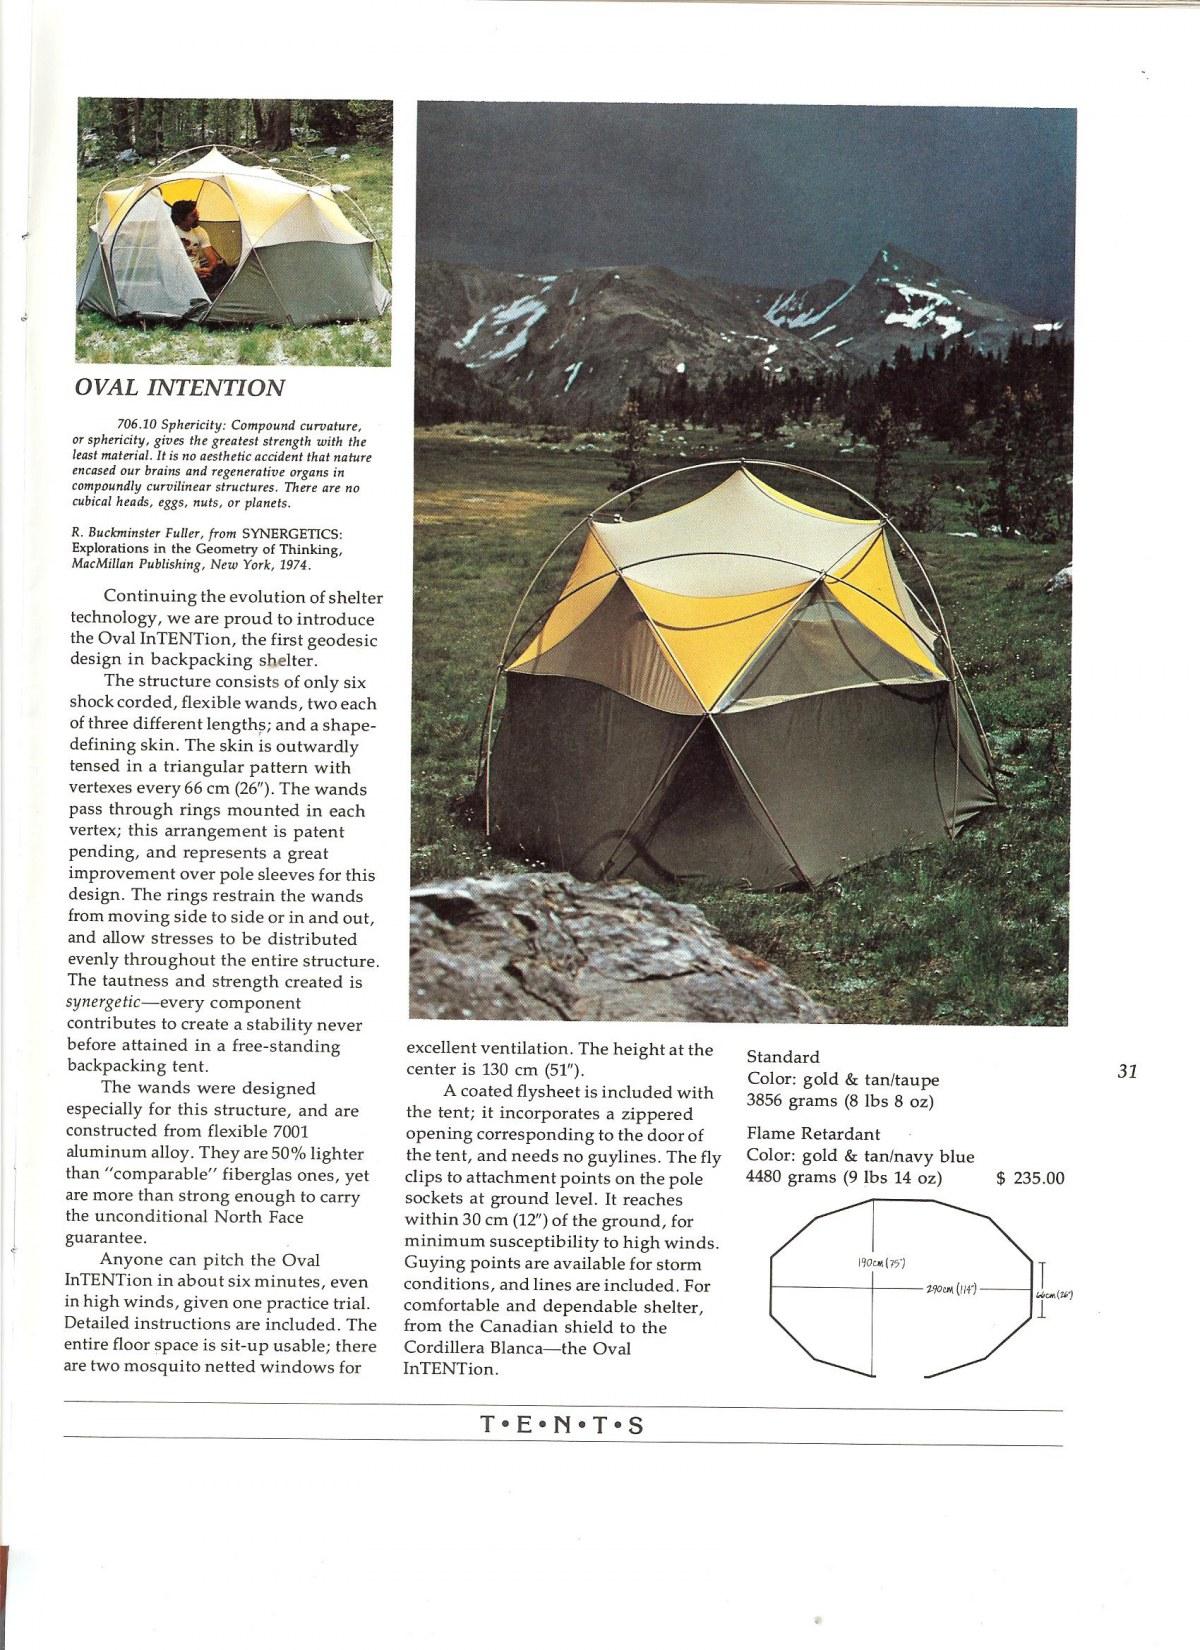 世界初のドーム型テントの広告 (The North Face, 1975)